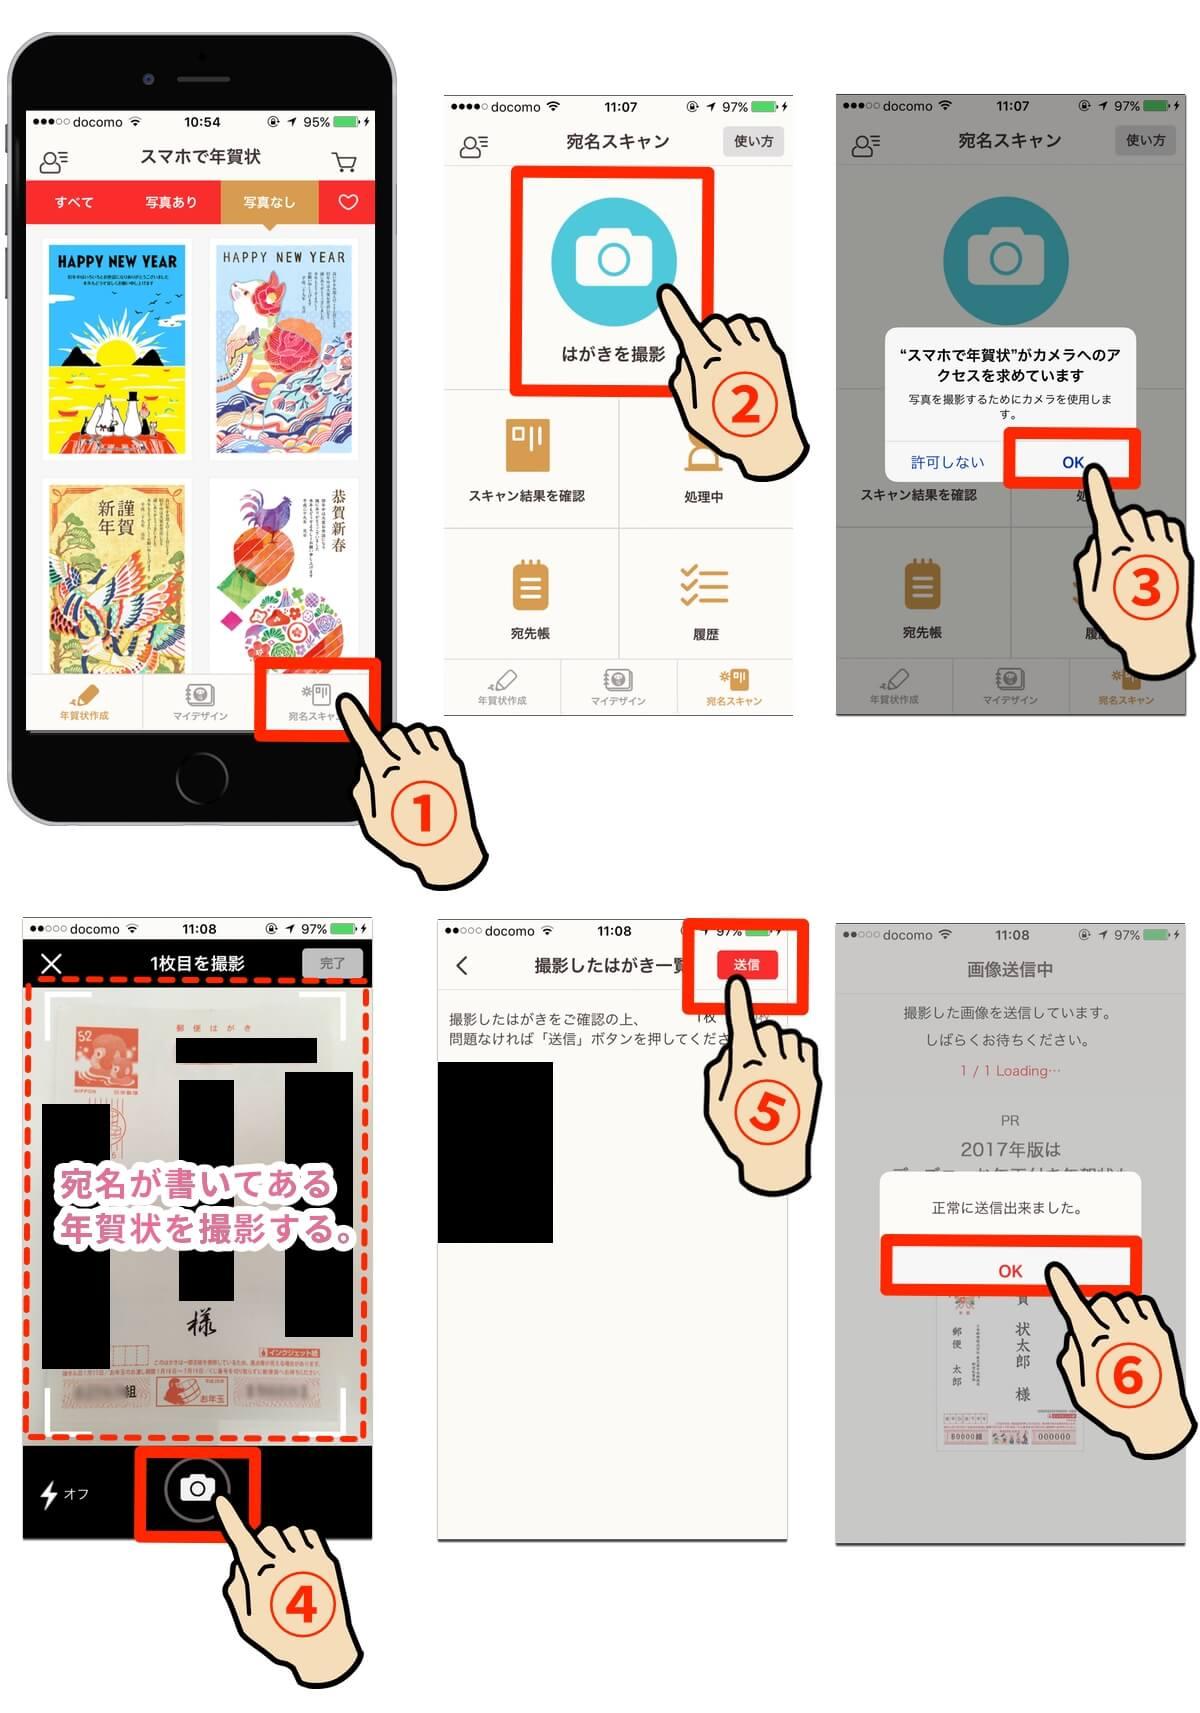 スマホで年賀状アプリ「宛名scan」